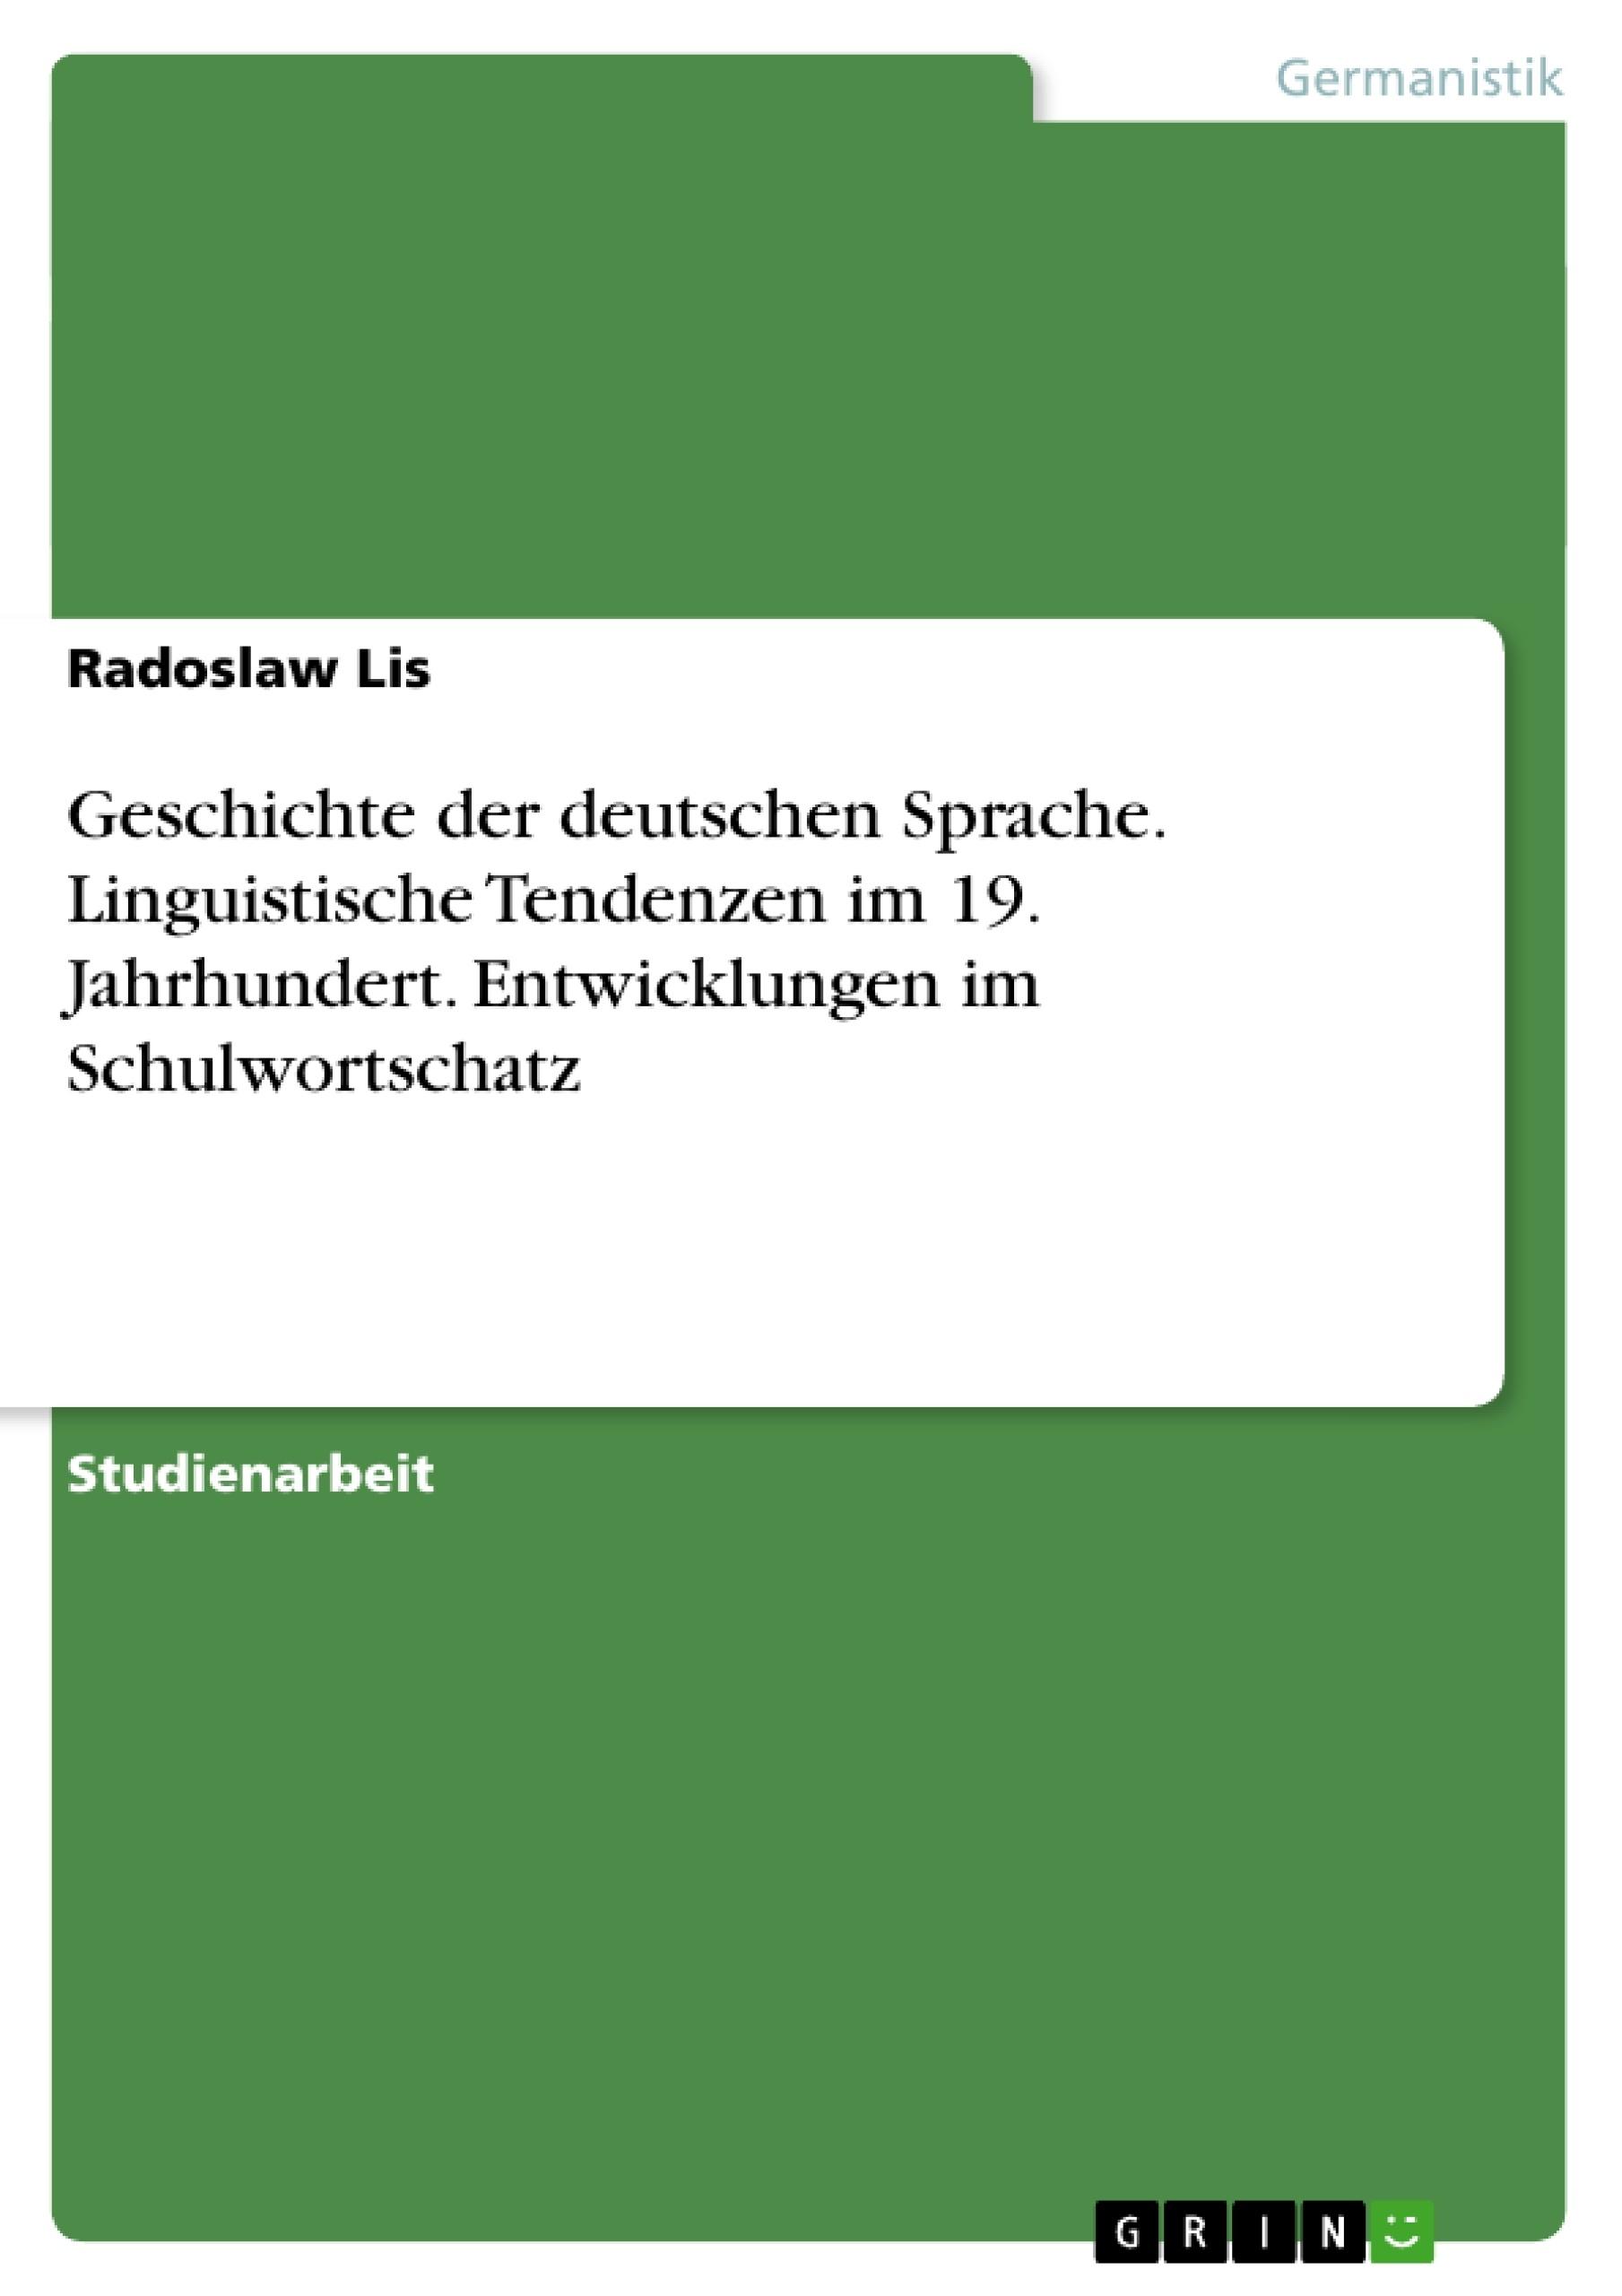 Titel: Geschichte der deutschen Sprache. Linguistische Tendenzen im 19. Jahrhundert. Entwicklungen im Schulwortschatz